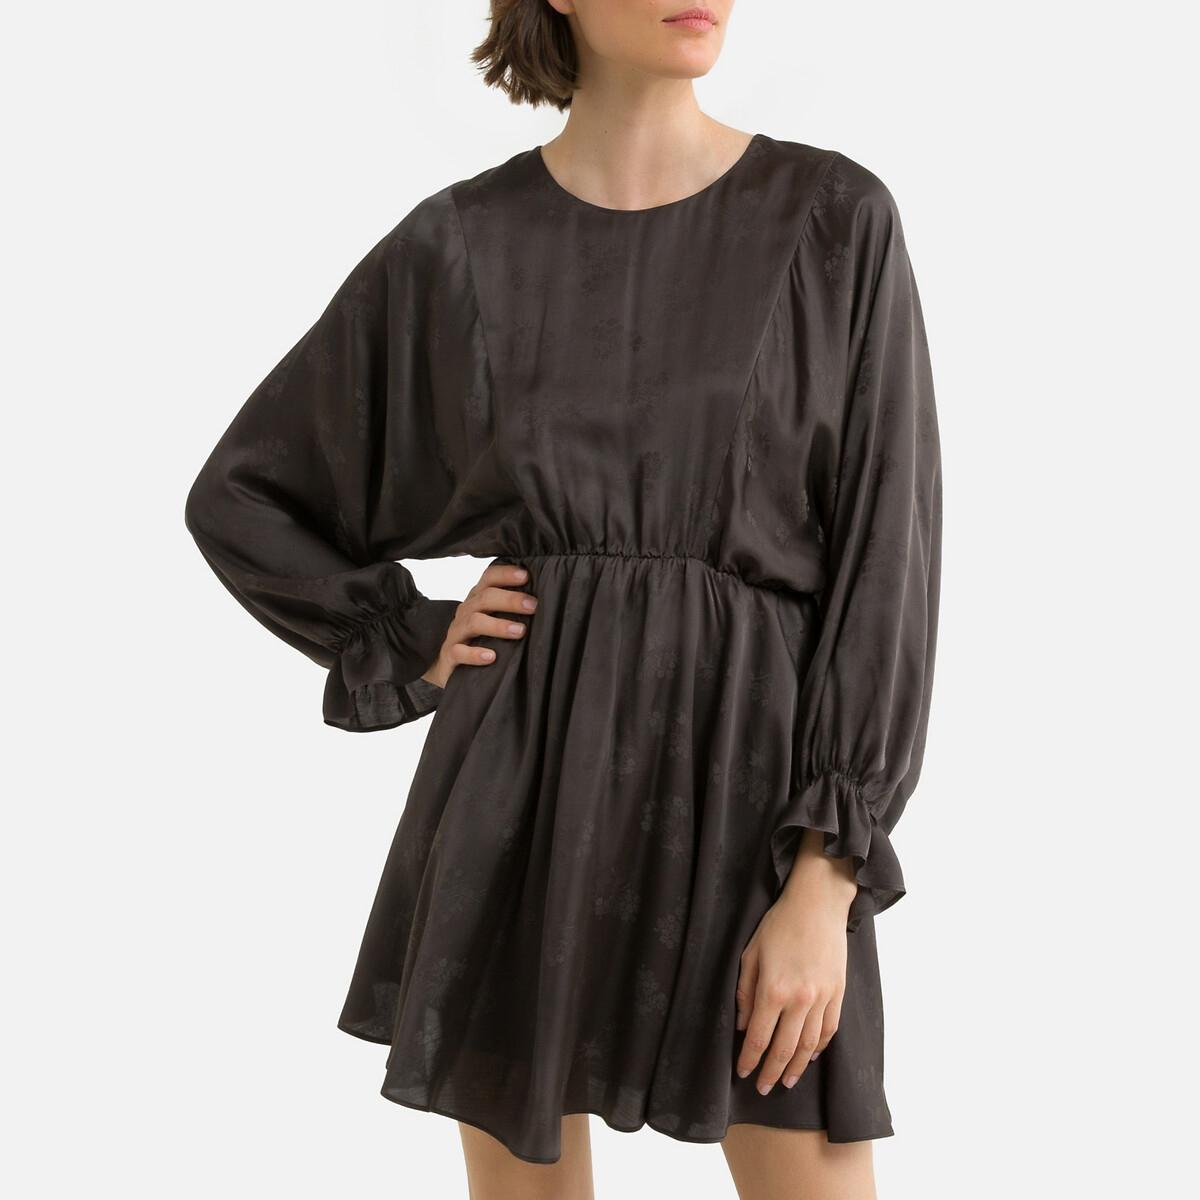 Платье LaRedoute Короткое расклешенное с жаккардовым рисунком S серый